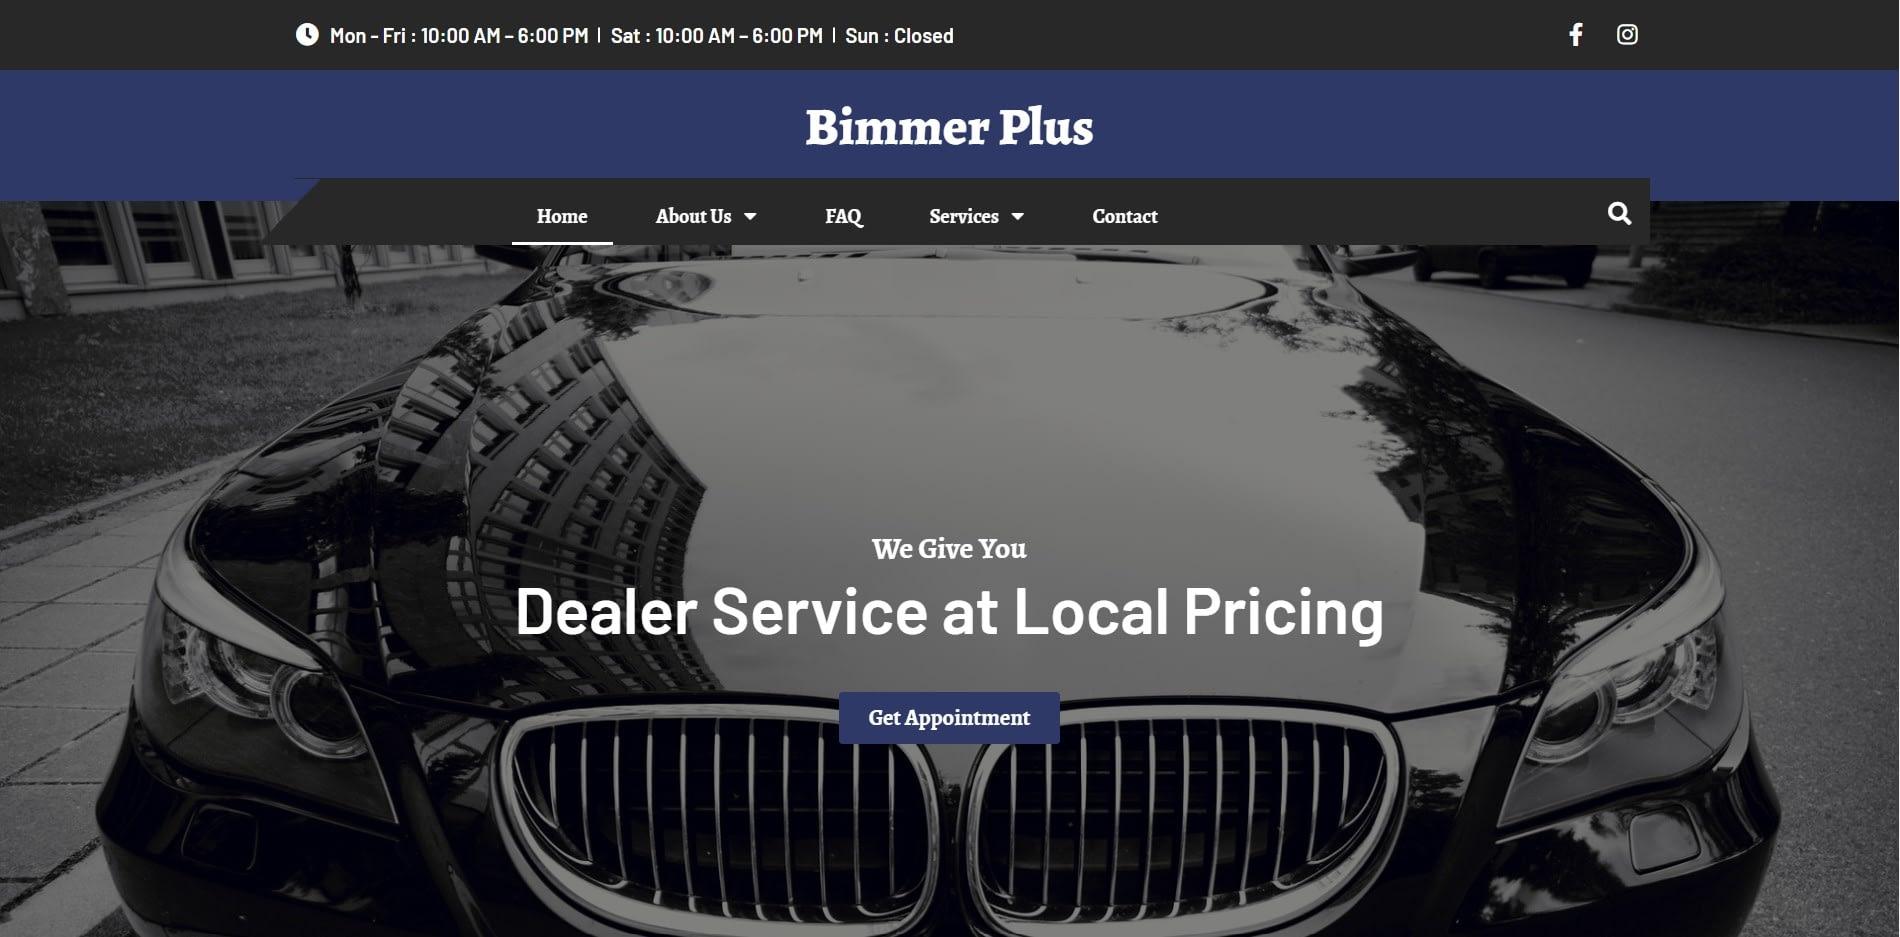 """<a href=""""https://bimmerplus.com/"""">www.bimmerplus.com</a>"""